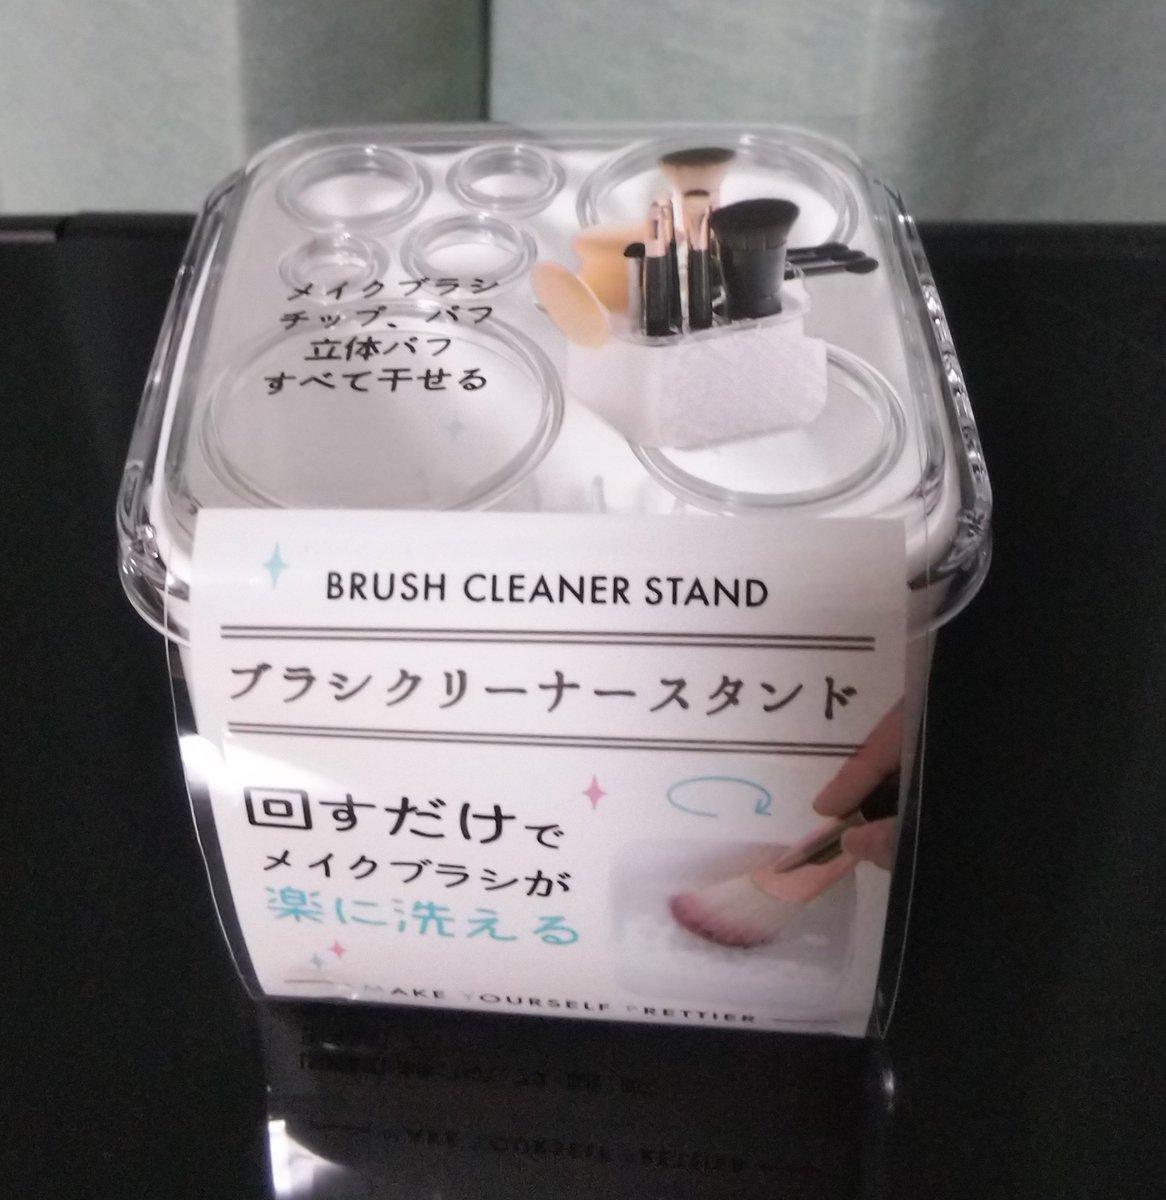 test ツイッターメディア - seriaで売られていたこの商品、使ってみたけど本当に神商品でした💕 考えた人偉大過ぎる✨ #seria #山田化学 https://t.co/wOIsVbu5XR